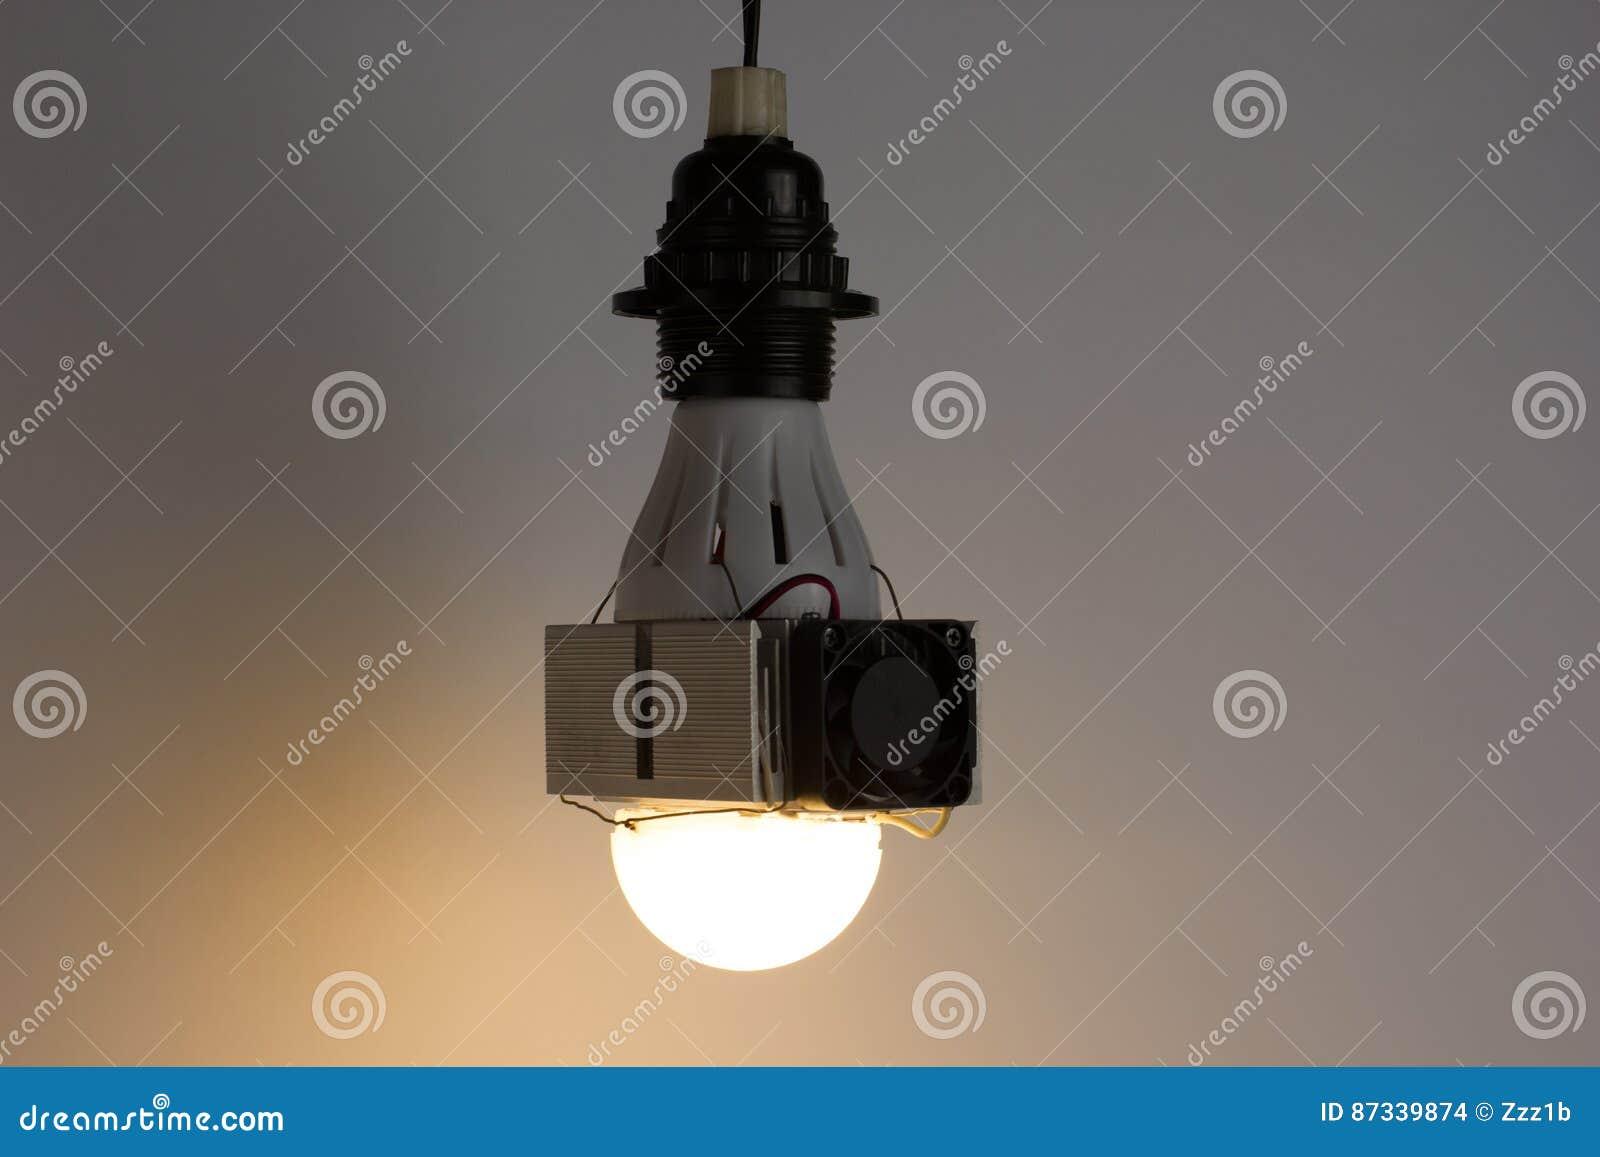 Diy Led Lamp On Light Gray Background Stock Photo - Image of